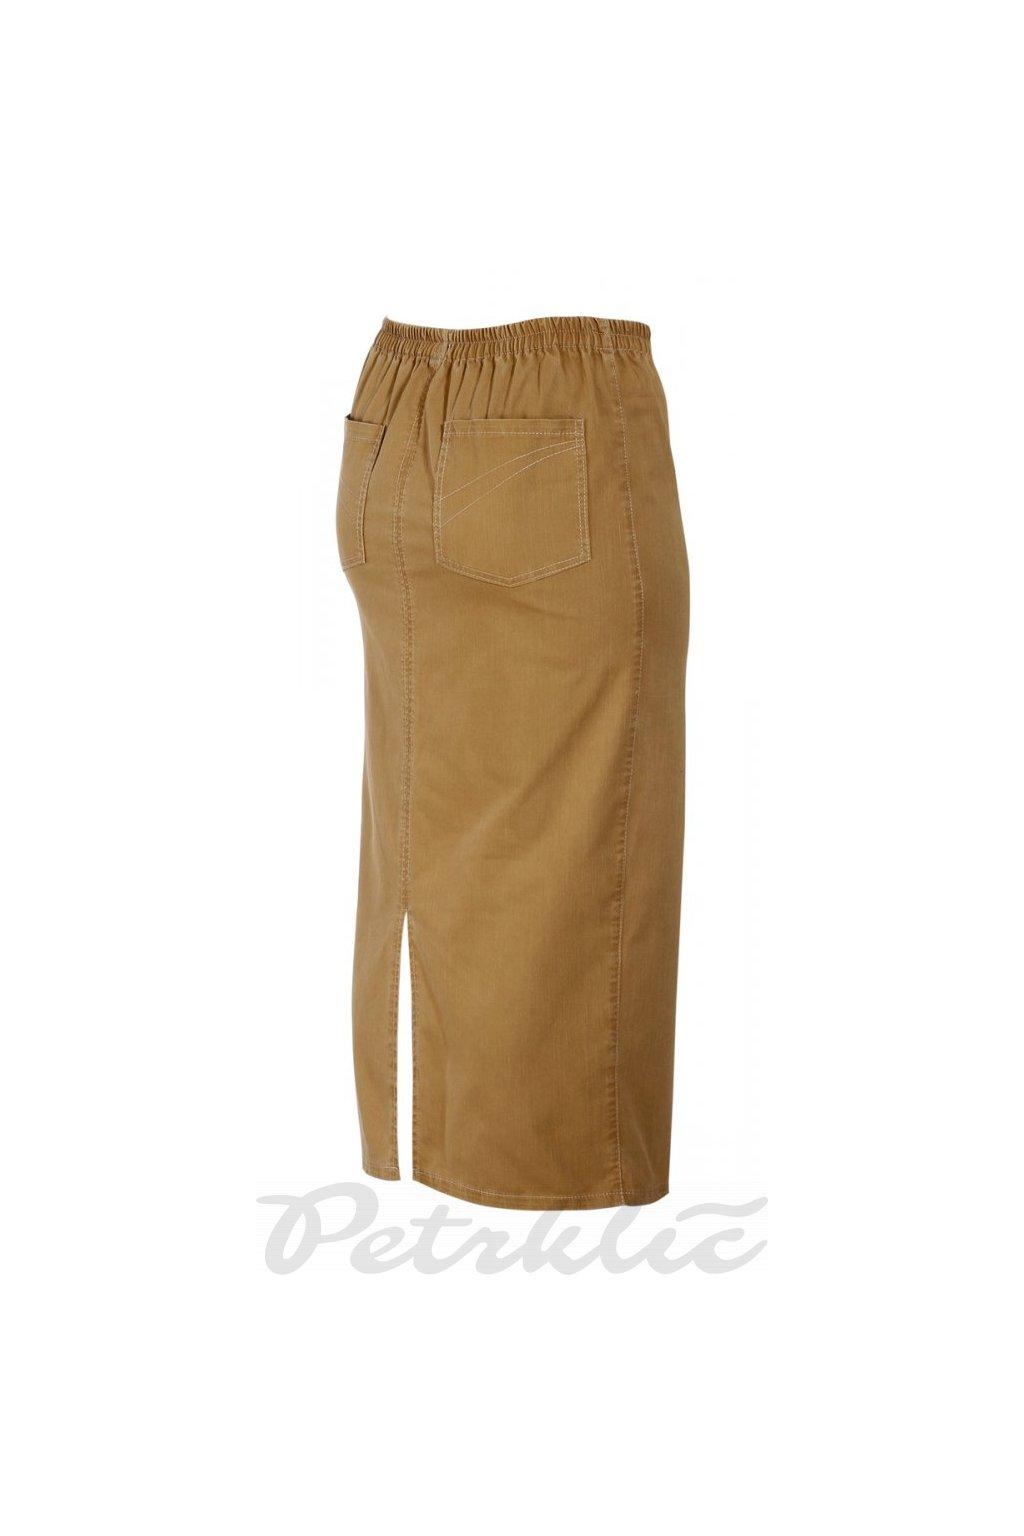 ELBUZA strečová úzká sukně 93 cm